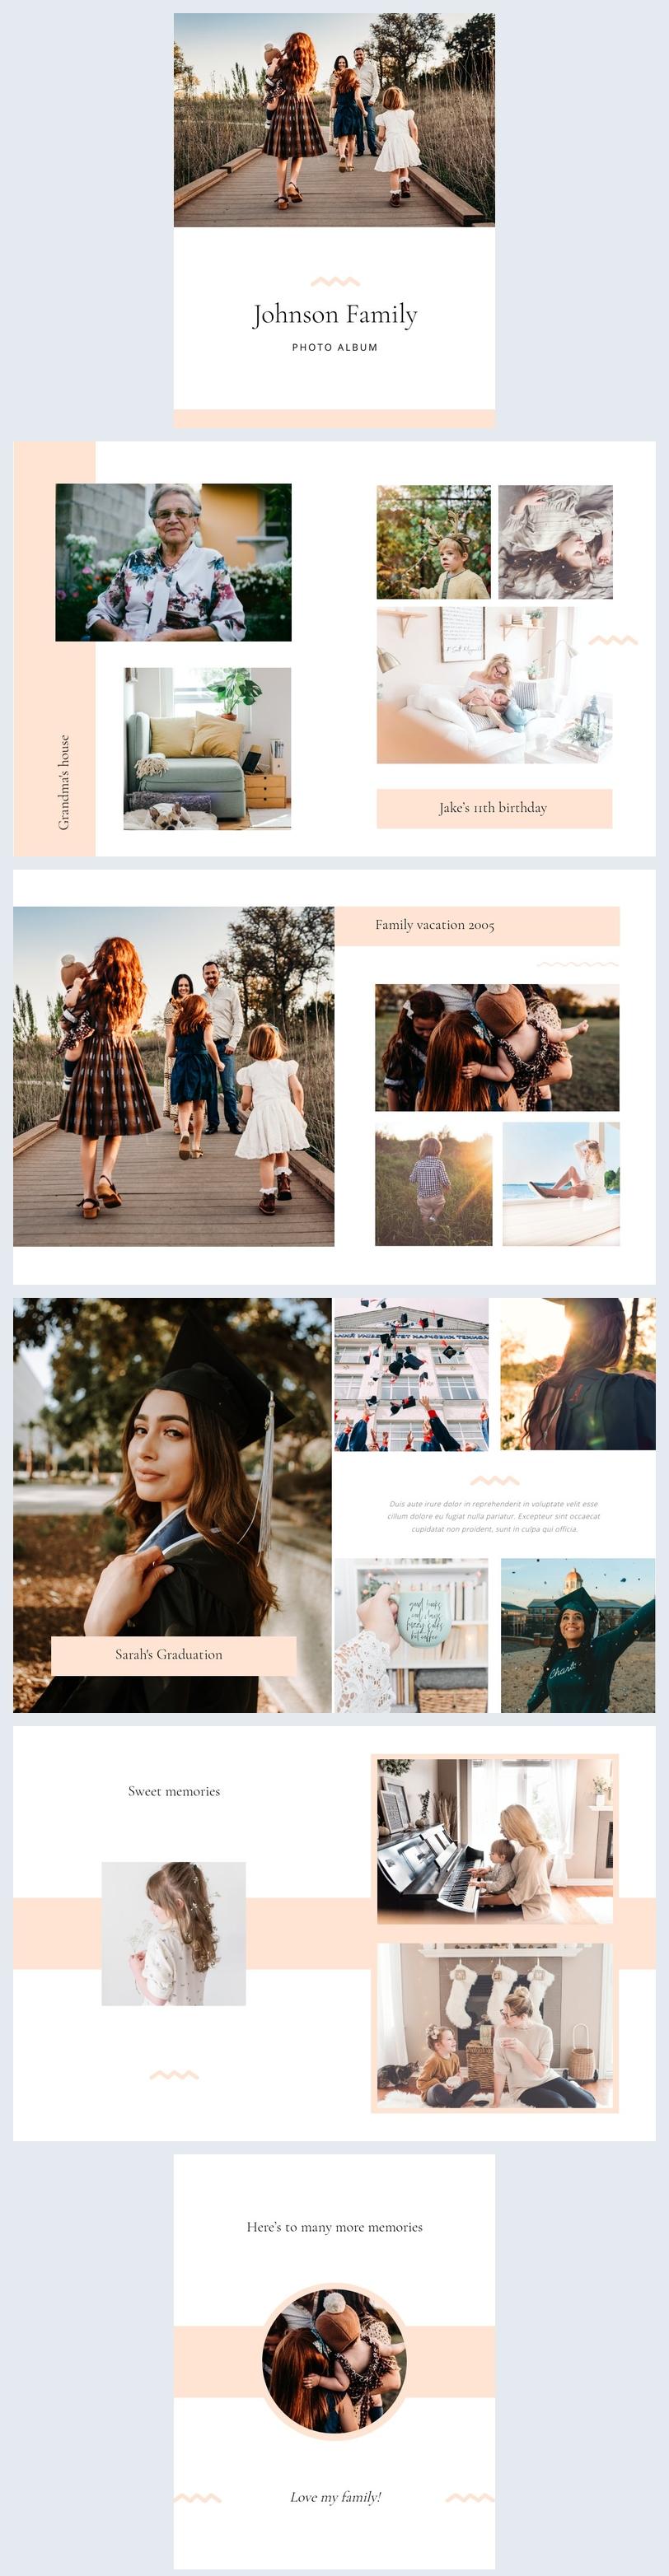 Exemple de modèle et design d'album photo de famille